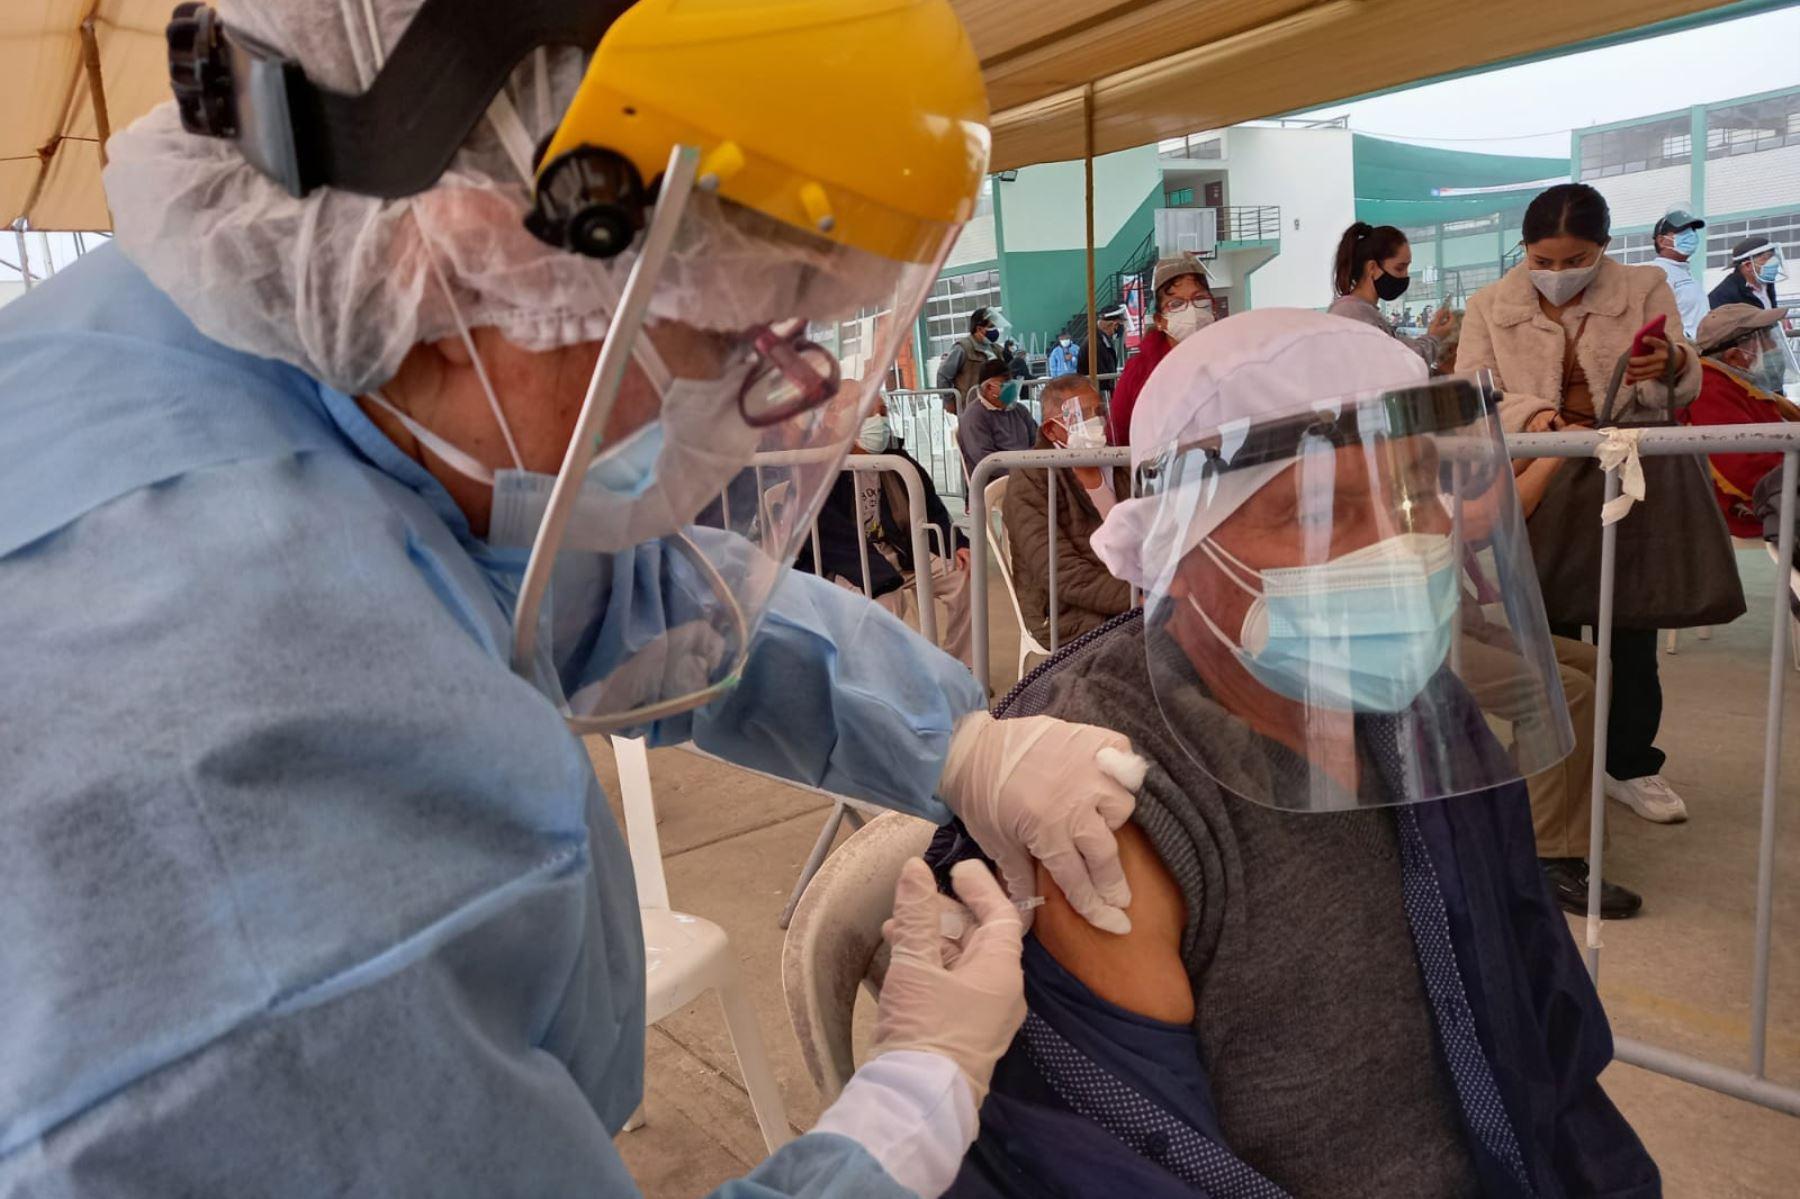 Ugarte explicó dentro de 8 o 10 días ya debería estar culminando la vacunación de los adultos mayores de 70 años, con lo cual el Gobierno, anotó, pasaría a vacunar a las personas mayores de 60 años. Foto: ANDINA/Difusión